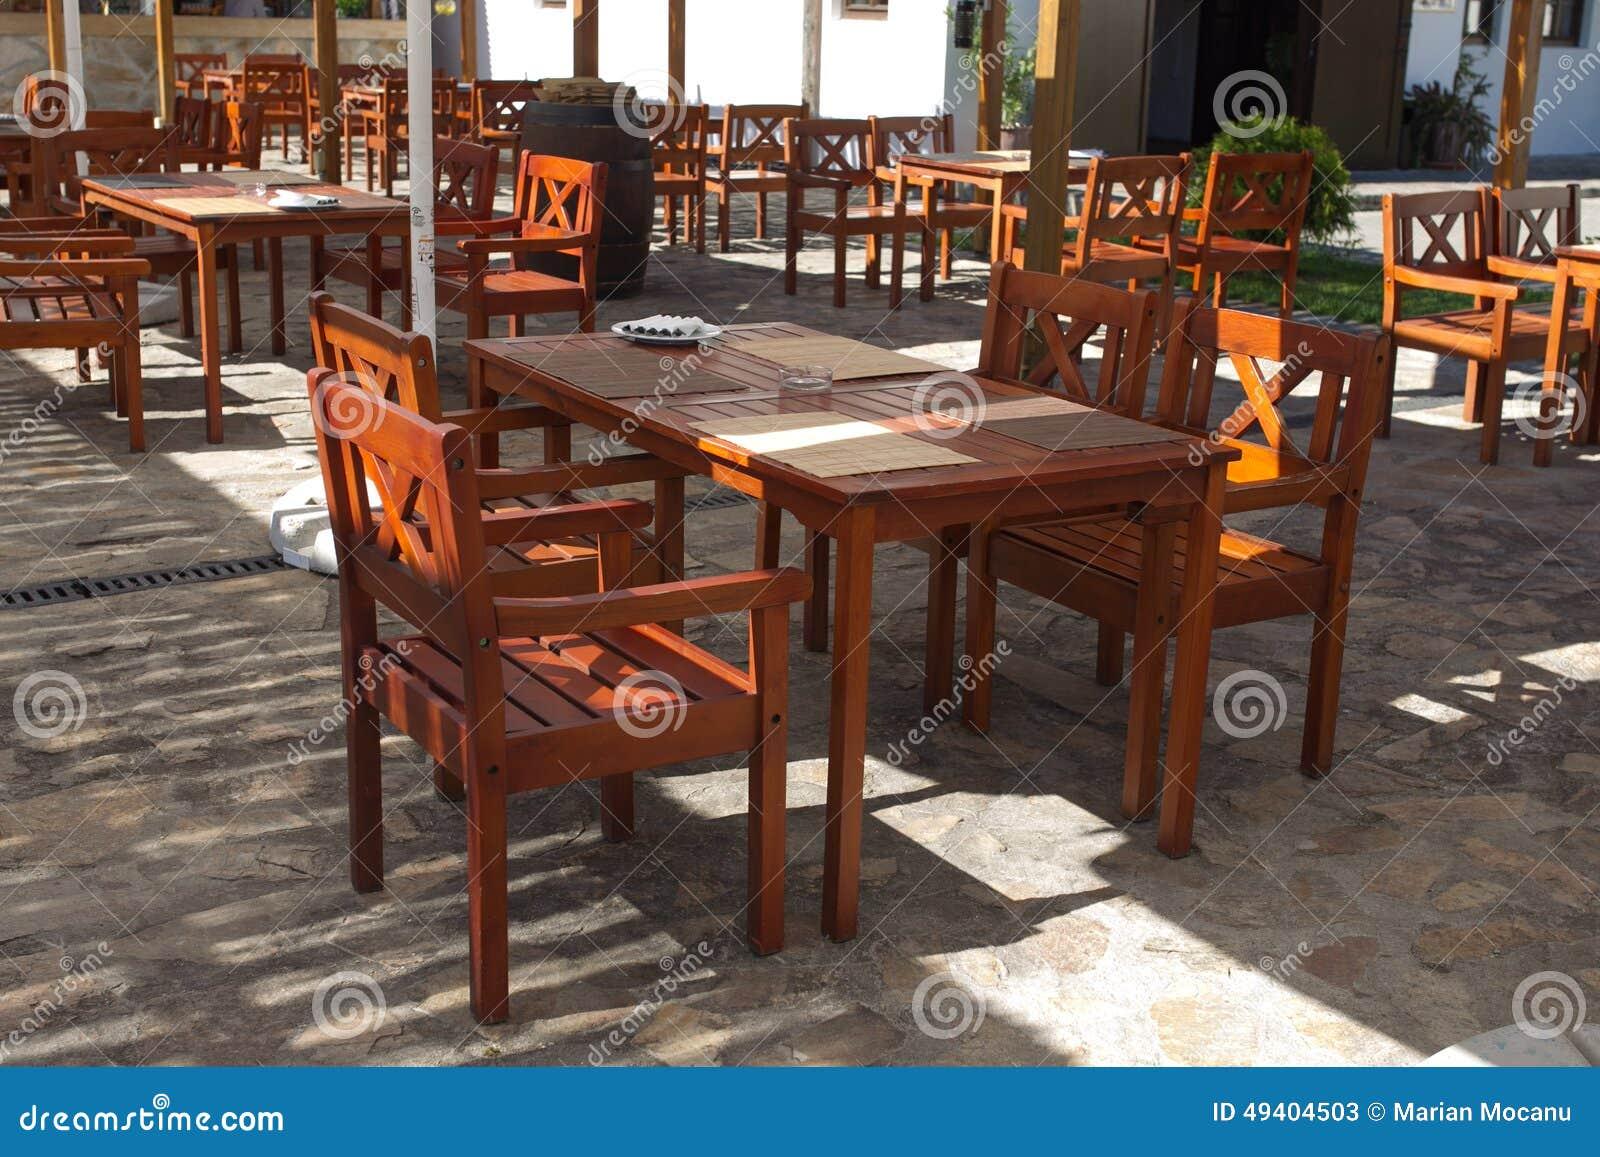 Download Holztische Und Chaires Auf Terrasse Stockbild - Bild von auslegung, sommer: 49404503